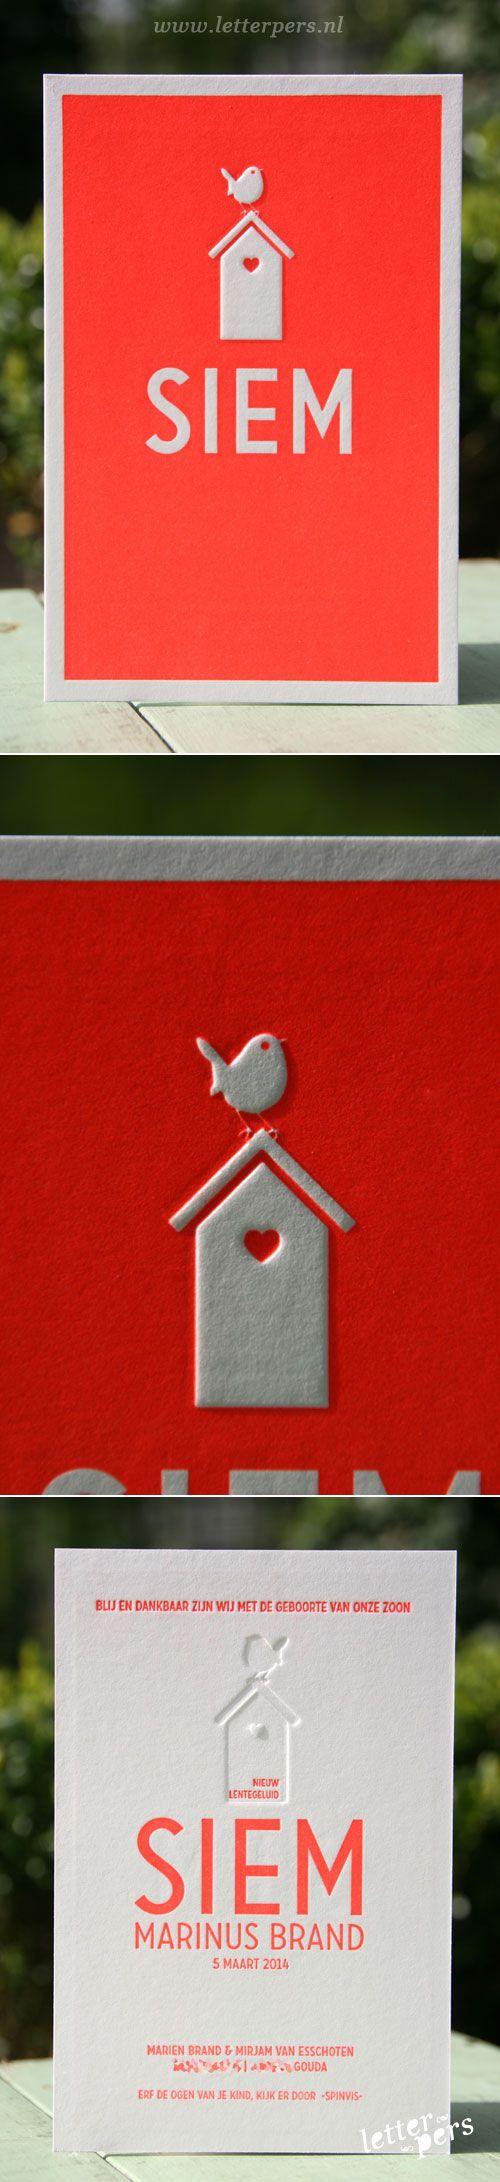 letterpers_letterpress_geboortekaartje_Siem_vogel_vogelhuisje_lief_stoer_relief_fluor_neon_rood